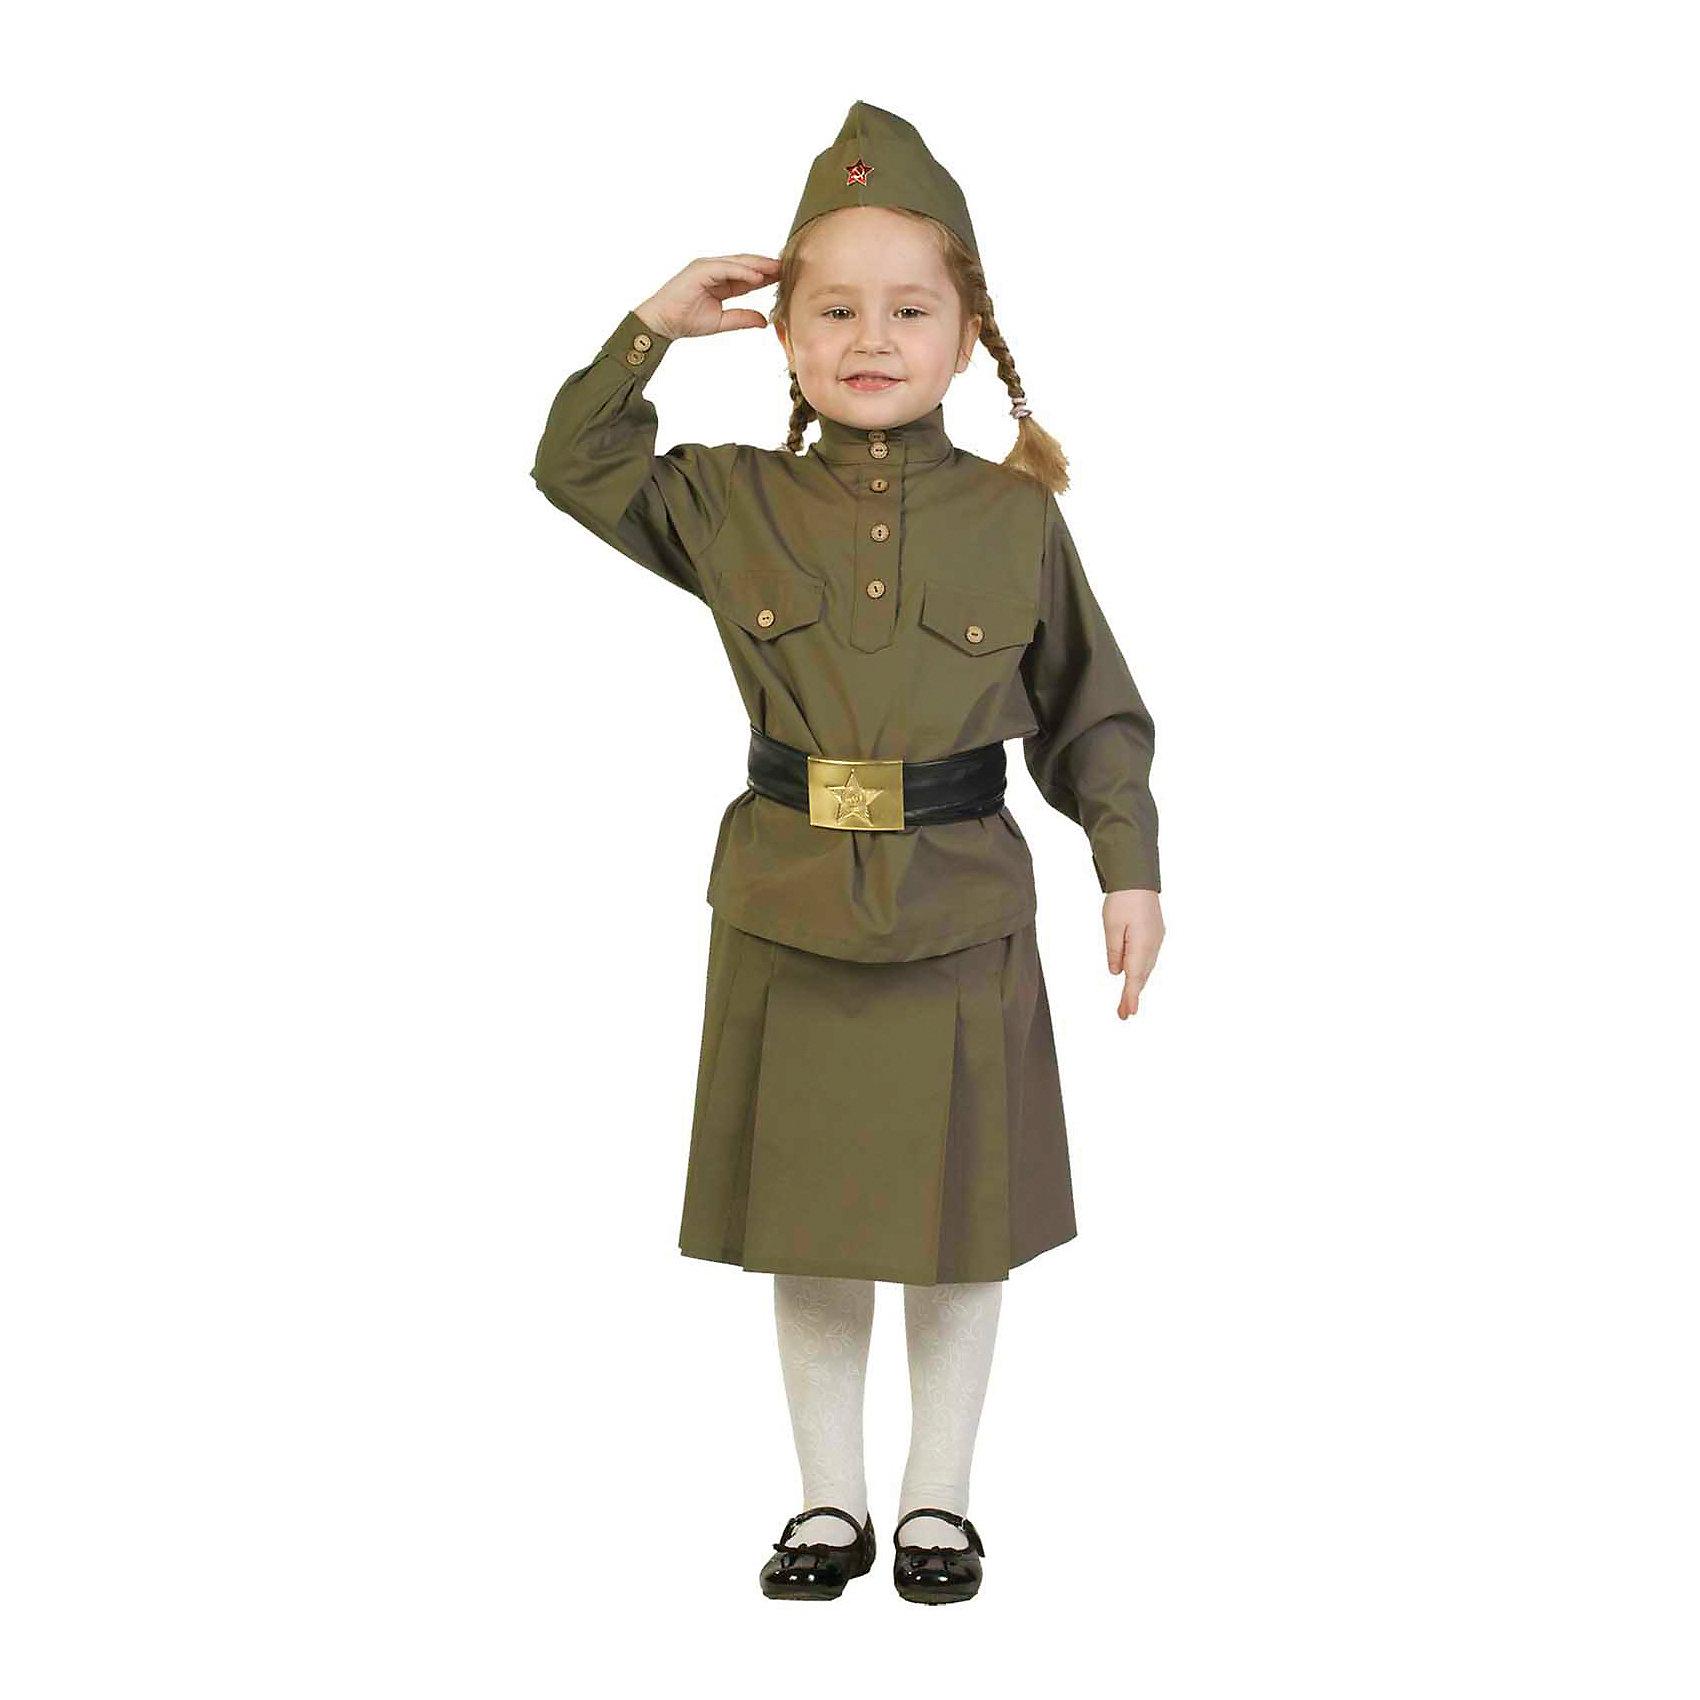 Гимнастерка с юбкой, ВестификаКарнавальные костюмы и аксессуары<br>В последние годы все более актуальным становится военно-патриотическое воспитание. Одним из самых уважаемых праздников является День Победы. Взрослые и дети одеваются в форму времен ВОВ и чествуют ветеранов. Комплект, разработанный специально к празднику День Победы, состоит из гимнастерки, пилотки, пояса и юбки. Гимнастерка выкроена по лекалам времен ВОВ. Она украшена лацканами на груди и пуговицами цвета латуни. Юбка собрана на талии на резинку. Пилотка оригинальной формы с настоящей звездой отлично садится а голову. Широкий пояс регулируется по ширине и украшен оригинальной пряжкой-звездой. Рекомендуем дополнить комплект вещмешком и черными сапогами, имитацию которых можно приобрести отдельно.<br><br>Дополнительная информация:<br><br>Ткани: Бязь (100% хлопок), Кожзаменитель<br>В комплект входит: Гимнастерка из бязи<br>Пилотка из бязи со звездой<br>Ремень из кожзаменителя с металлической звездой <br>Юбка из бязи<br>Рекомендуется для детей старше 3-х лет для кратковременного ношения. <br>Срок службы 5 лет при аккуратном ношении. <br>Способ ухода за изделием: ручная стирка при температуре 30 С° с применением нейтральных моющих средств. <br>Не отжимать. <br>Не сушить в машине. <br>Гладить при низкой температуре.<br><br>Гимнастерку с юбкой, Вестифика можно купить в нашем магазине.<br><br>Ширина мм: 236<br>Глубина мм: 16<br>Высота мм: 184<br>Вес г: 360<br>Цвет: разноцветный<br>Возраст от месяцев: 96<br>Возраст до месяцев: 108<br>Пол: Женский<br>Возраст: Детский<br>Размер: 128/134,104/110,116/122,140/146<br>SKU: 4528638